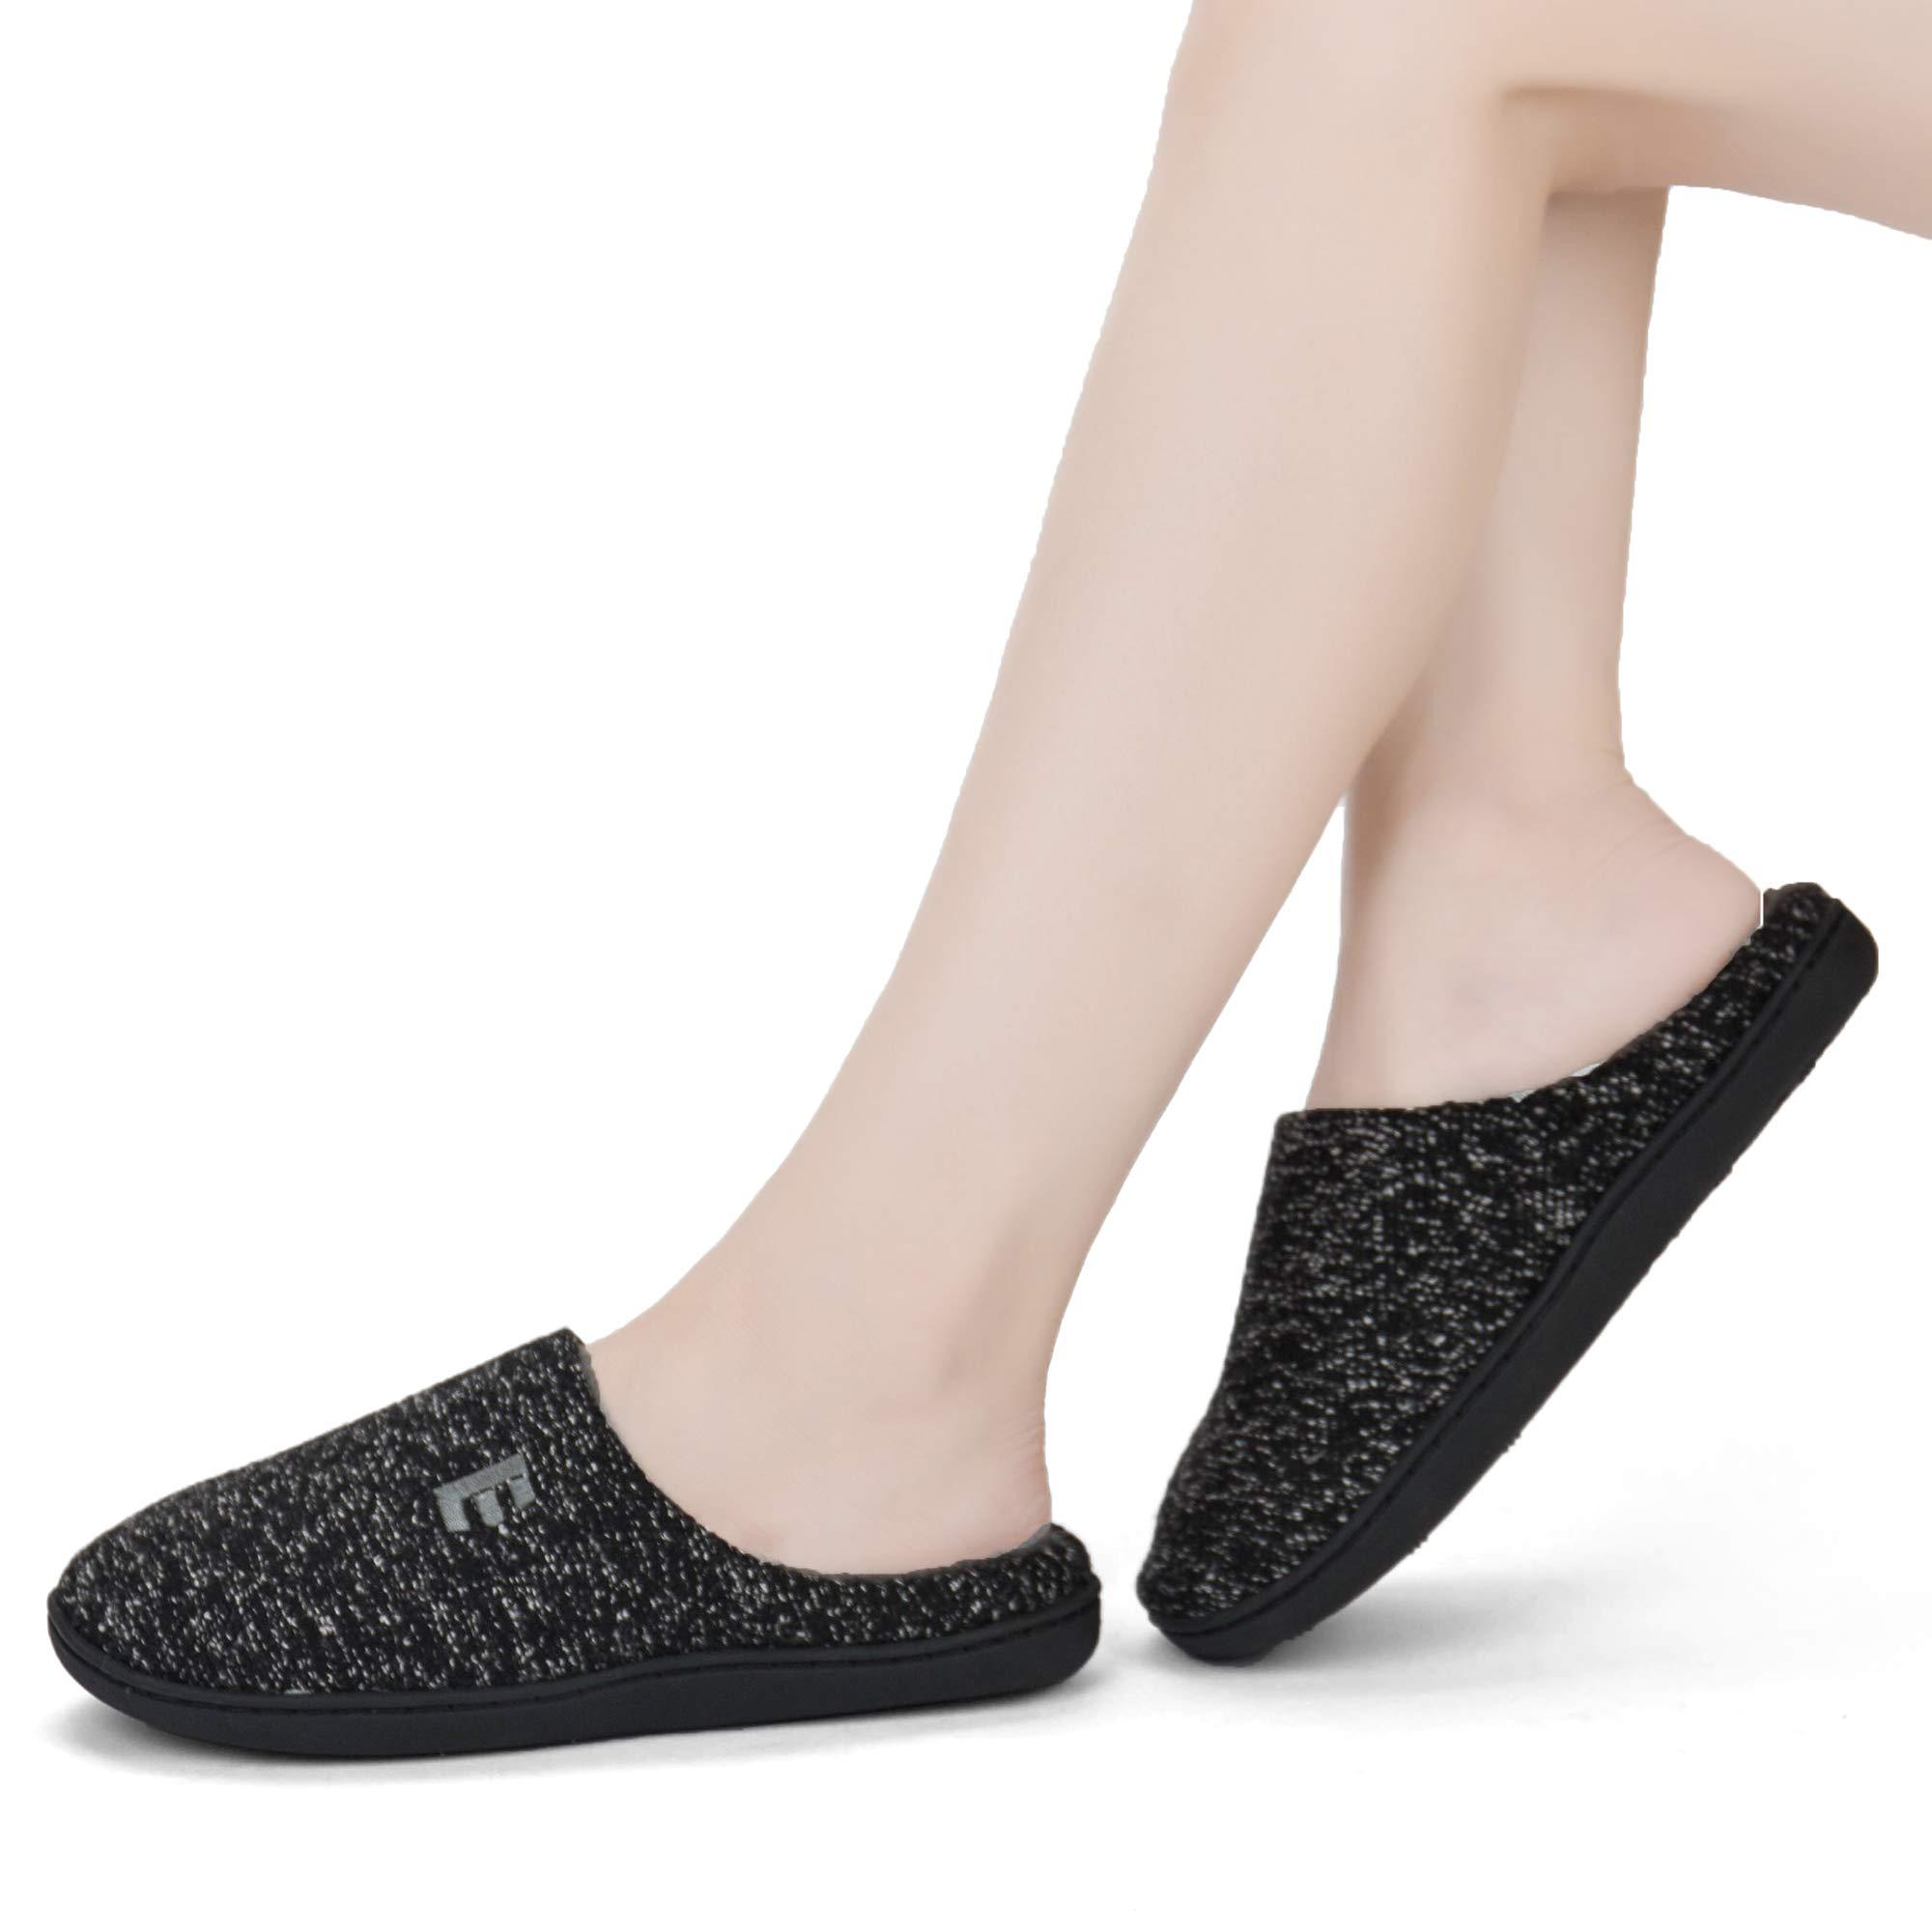 EAST LANDER Women's Memory Foam House Slippers Soft Sole Anti-Slip Slippers Indoor Shoes ELMT004-W1-L